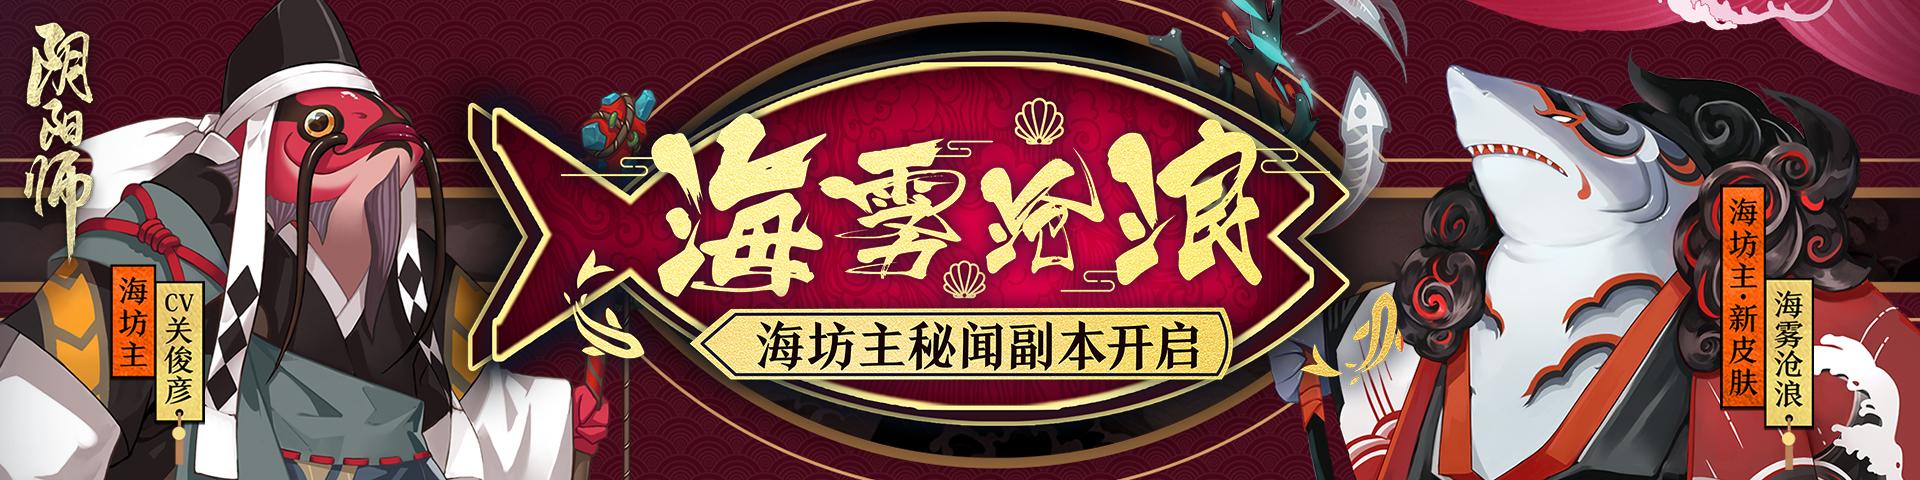 海怪的温柔 《阴阳师》海坊主秘闻副本开启!